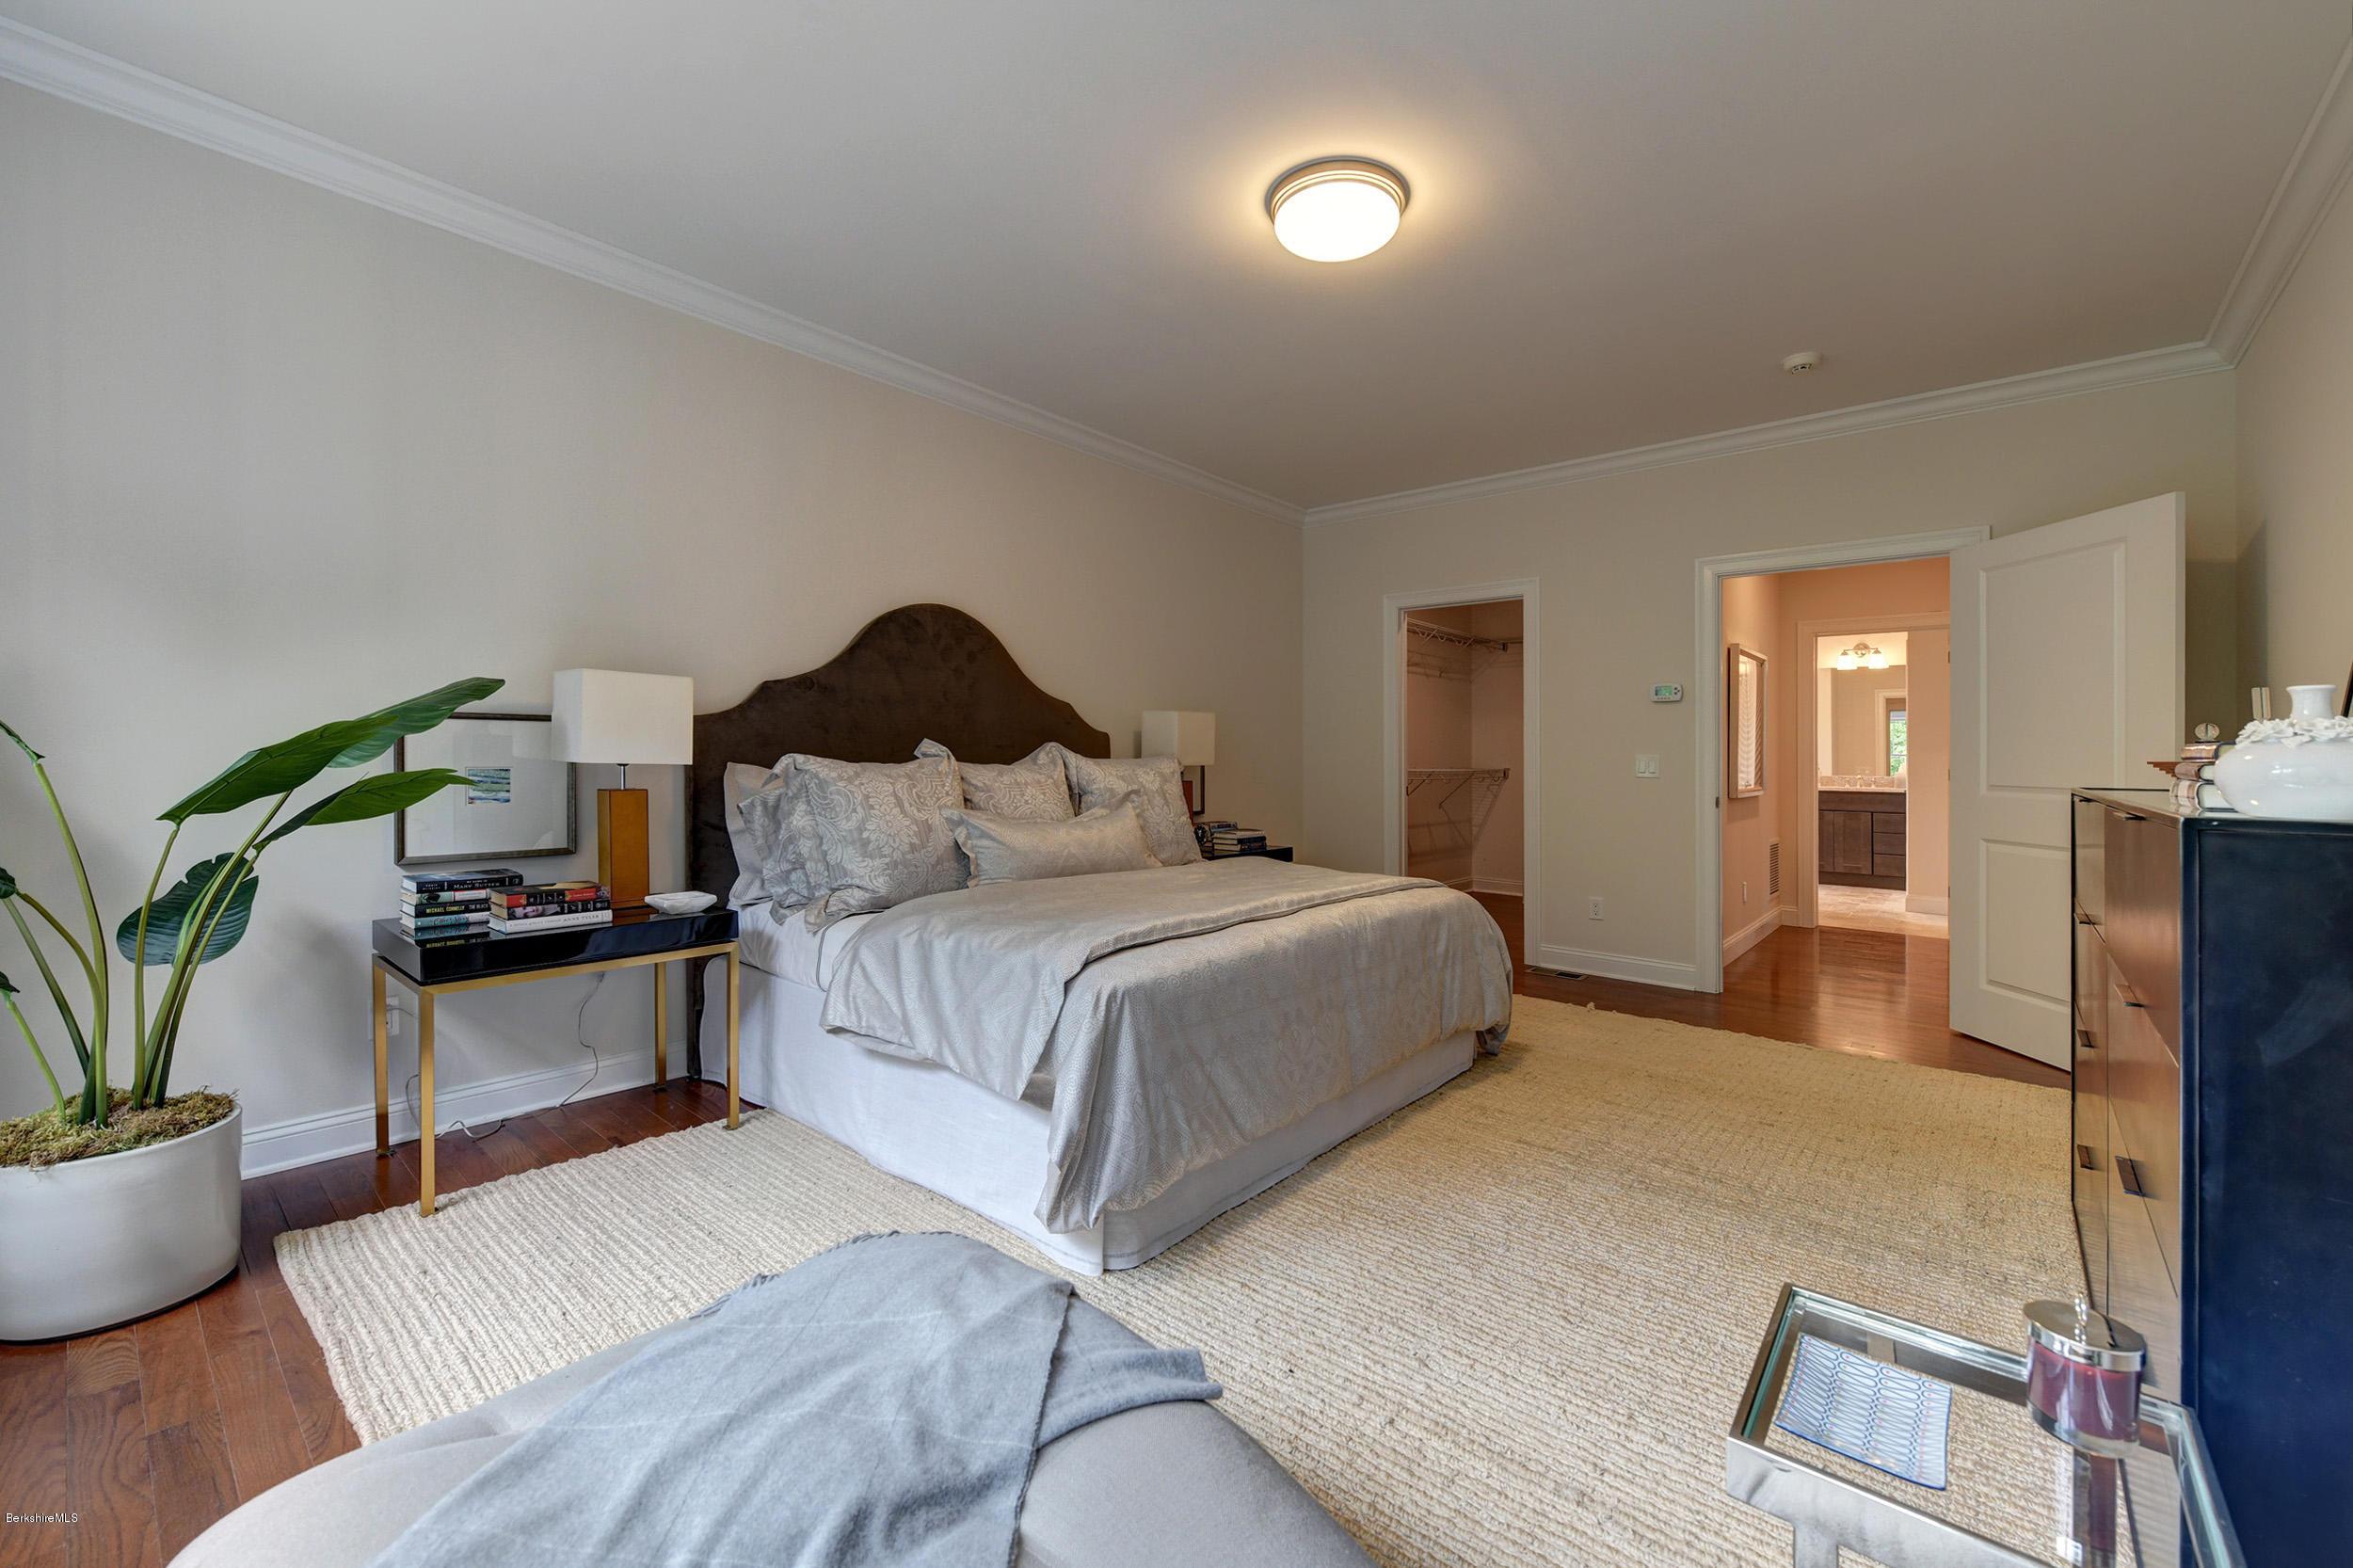 241 Walker #2, Lenox, Massachusetts 01240, 5 Bedrooms Bedrooms, 8 Rooms Rooms,4 BathroomsBathrooms,Residential,For Sale,Walker #2,231239